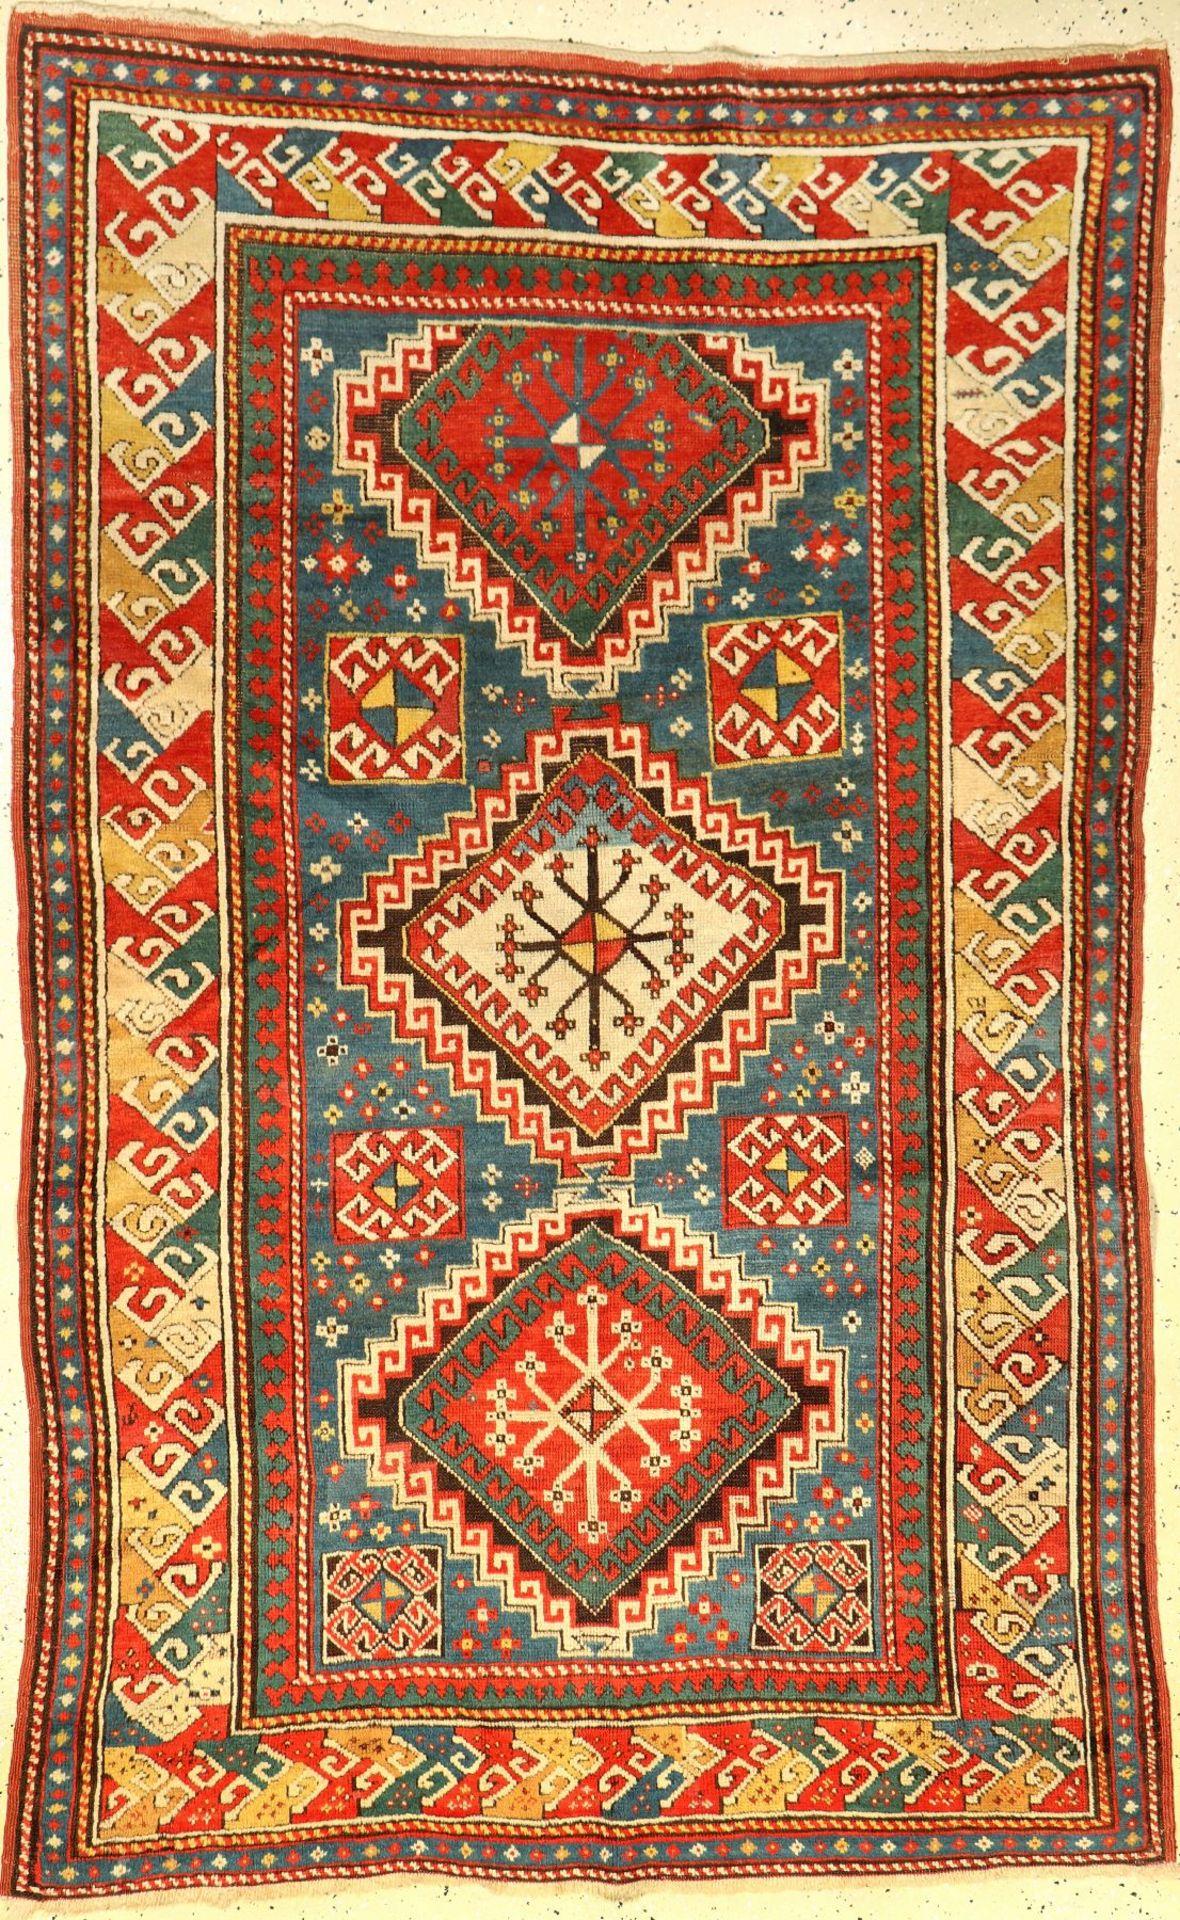 Kasak antik, Kaukasus, 19.Jhd., Wolle auf Wolle, ca. 208 x 134 cm, Adlerschnabel Bordüre, EHZ: 2-